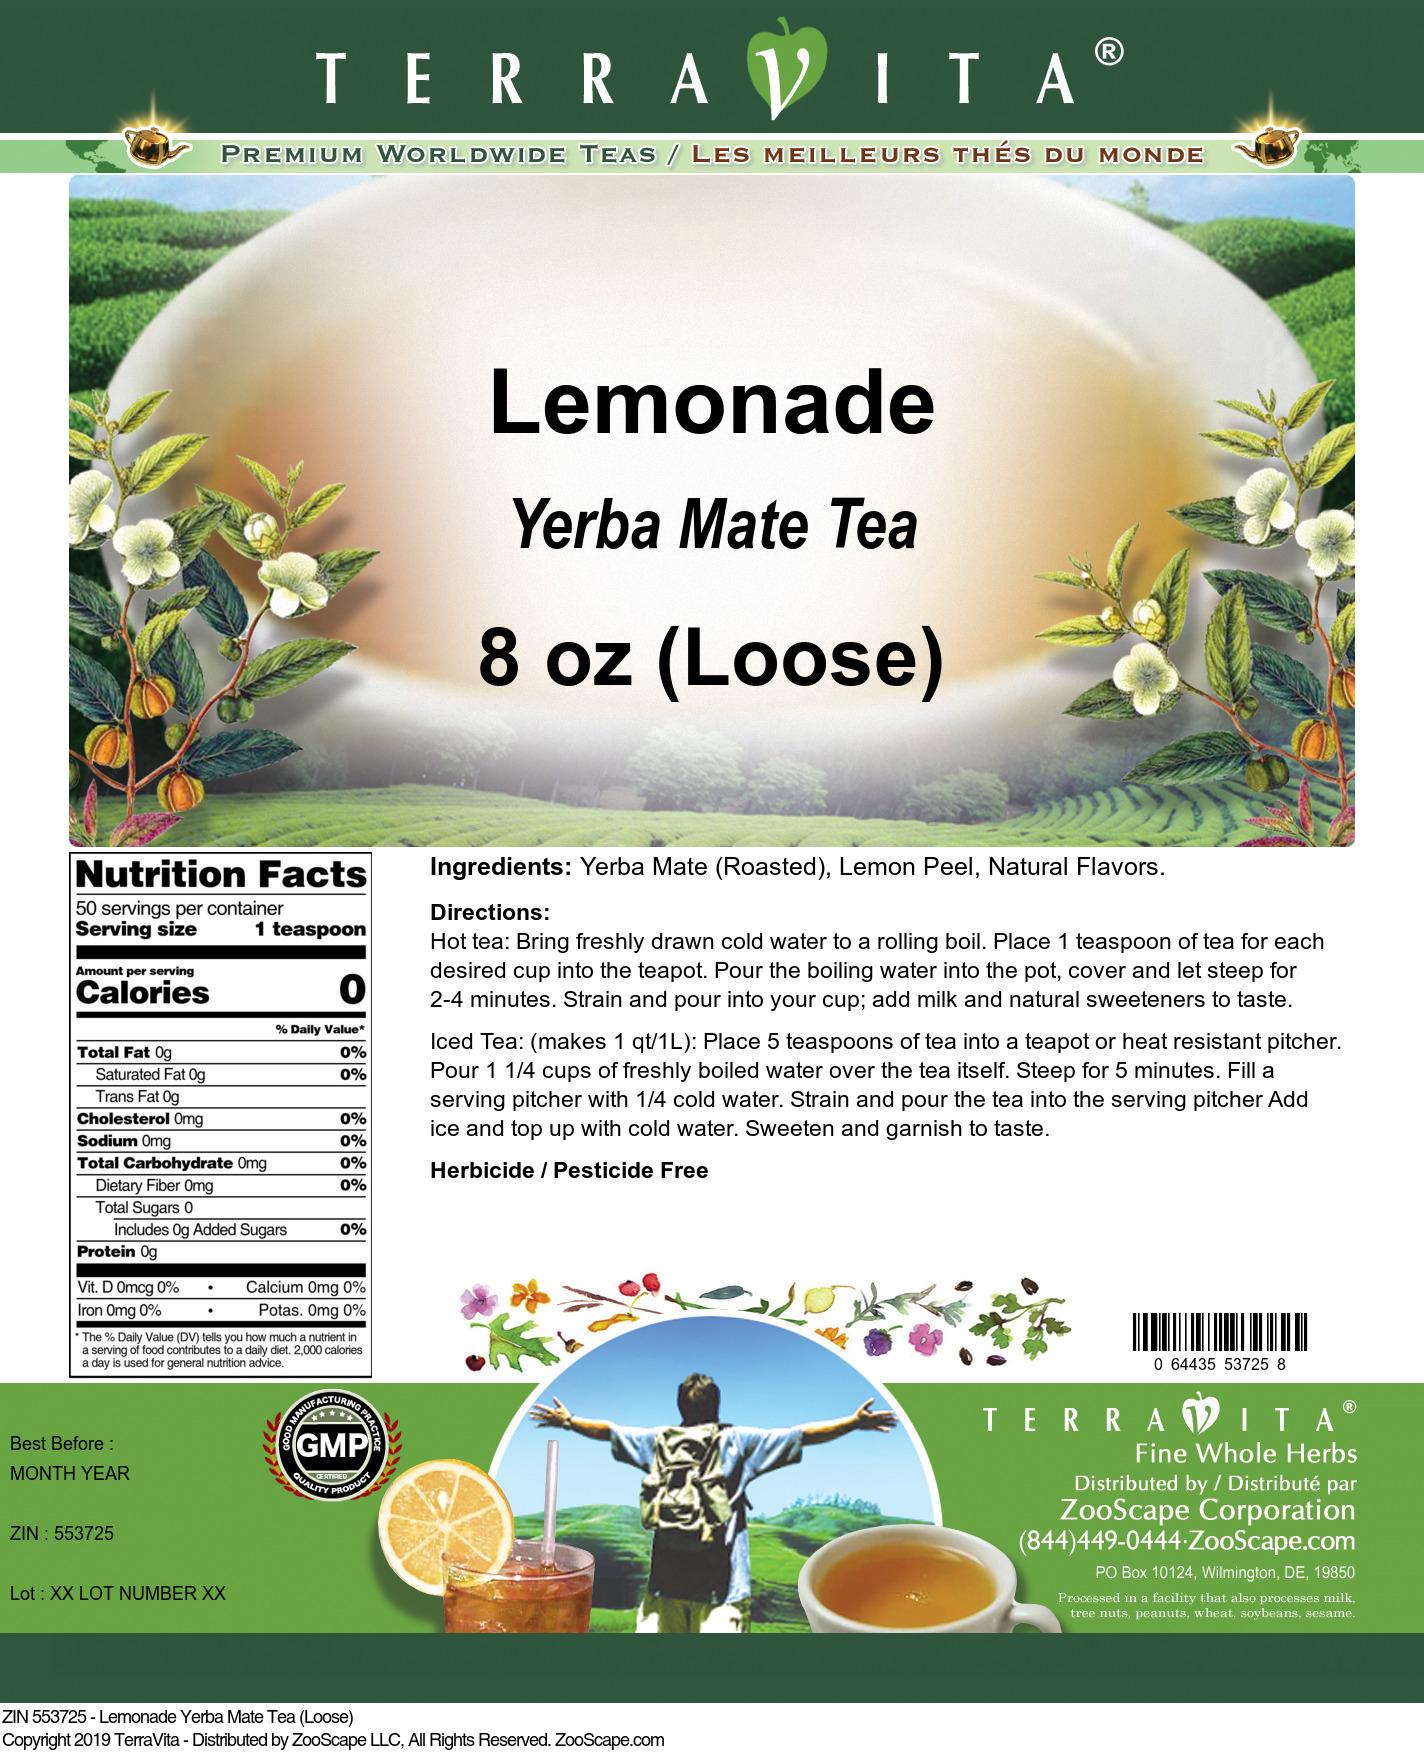 Lemonade Yerba Mate